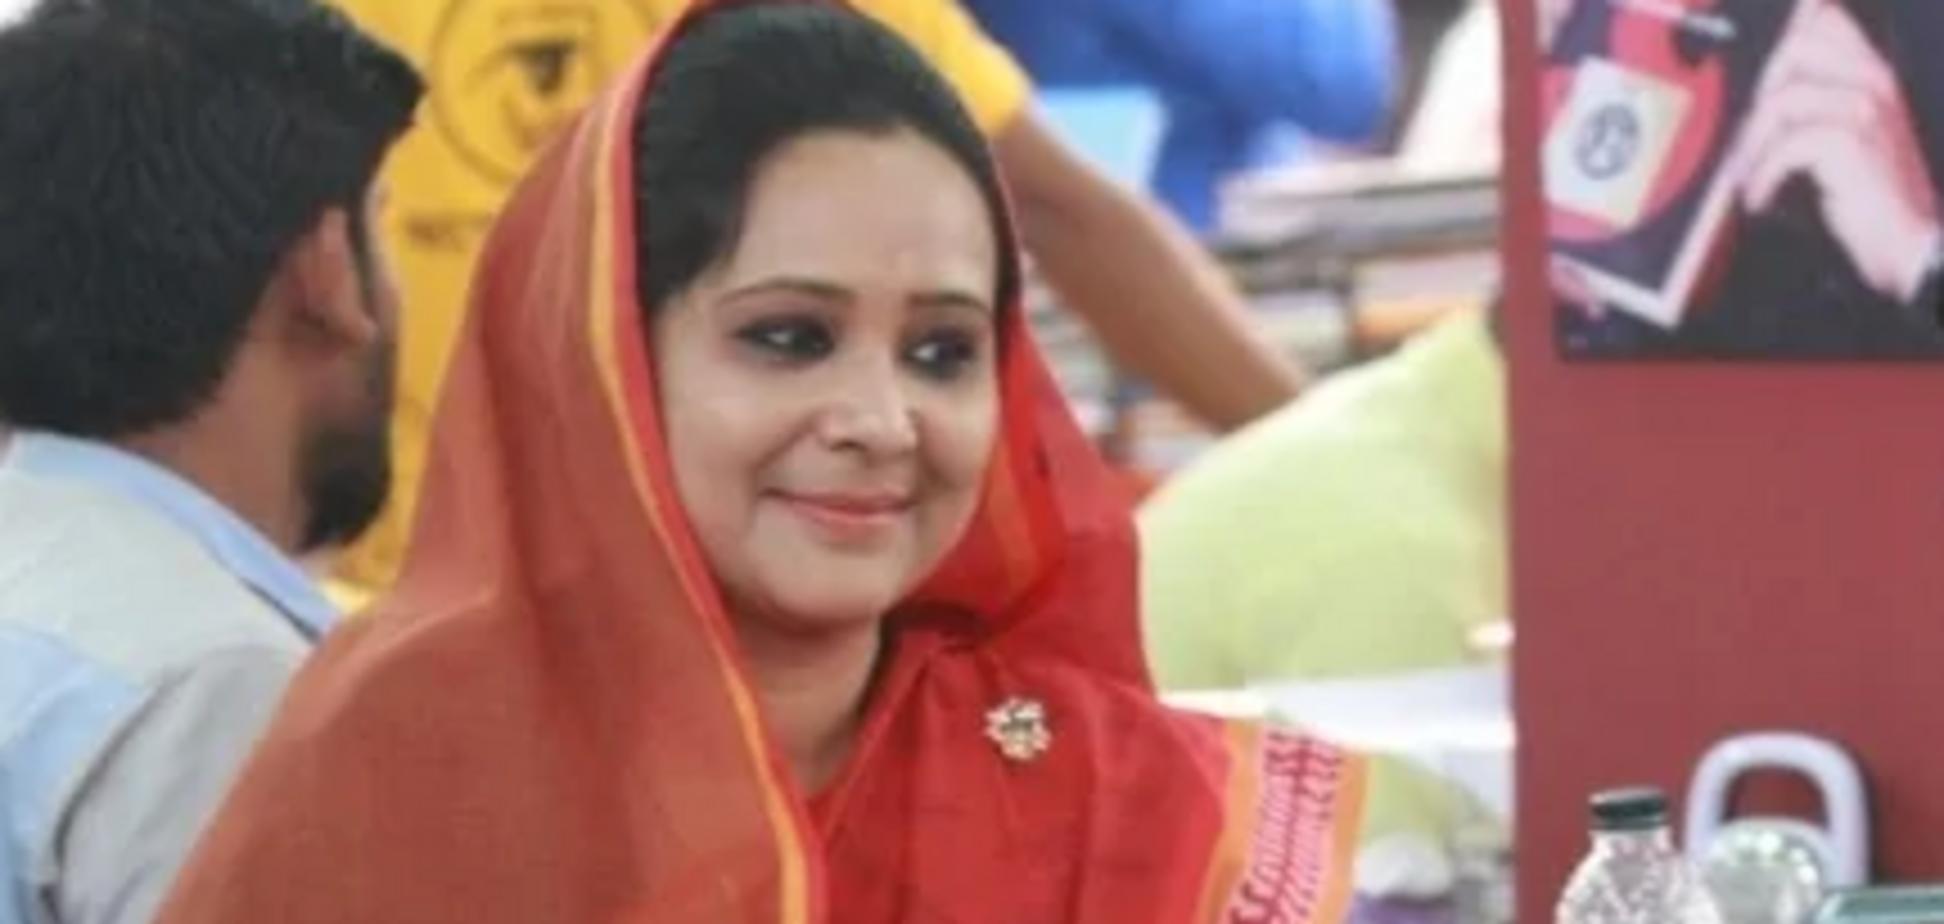 Депутатку з Бангладешу вигнали з університету за шахрайство: подробиці